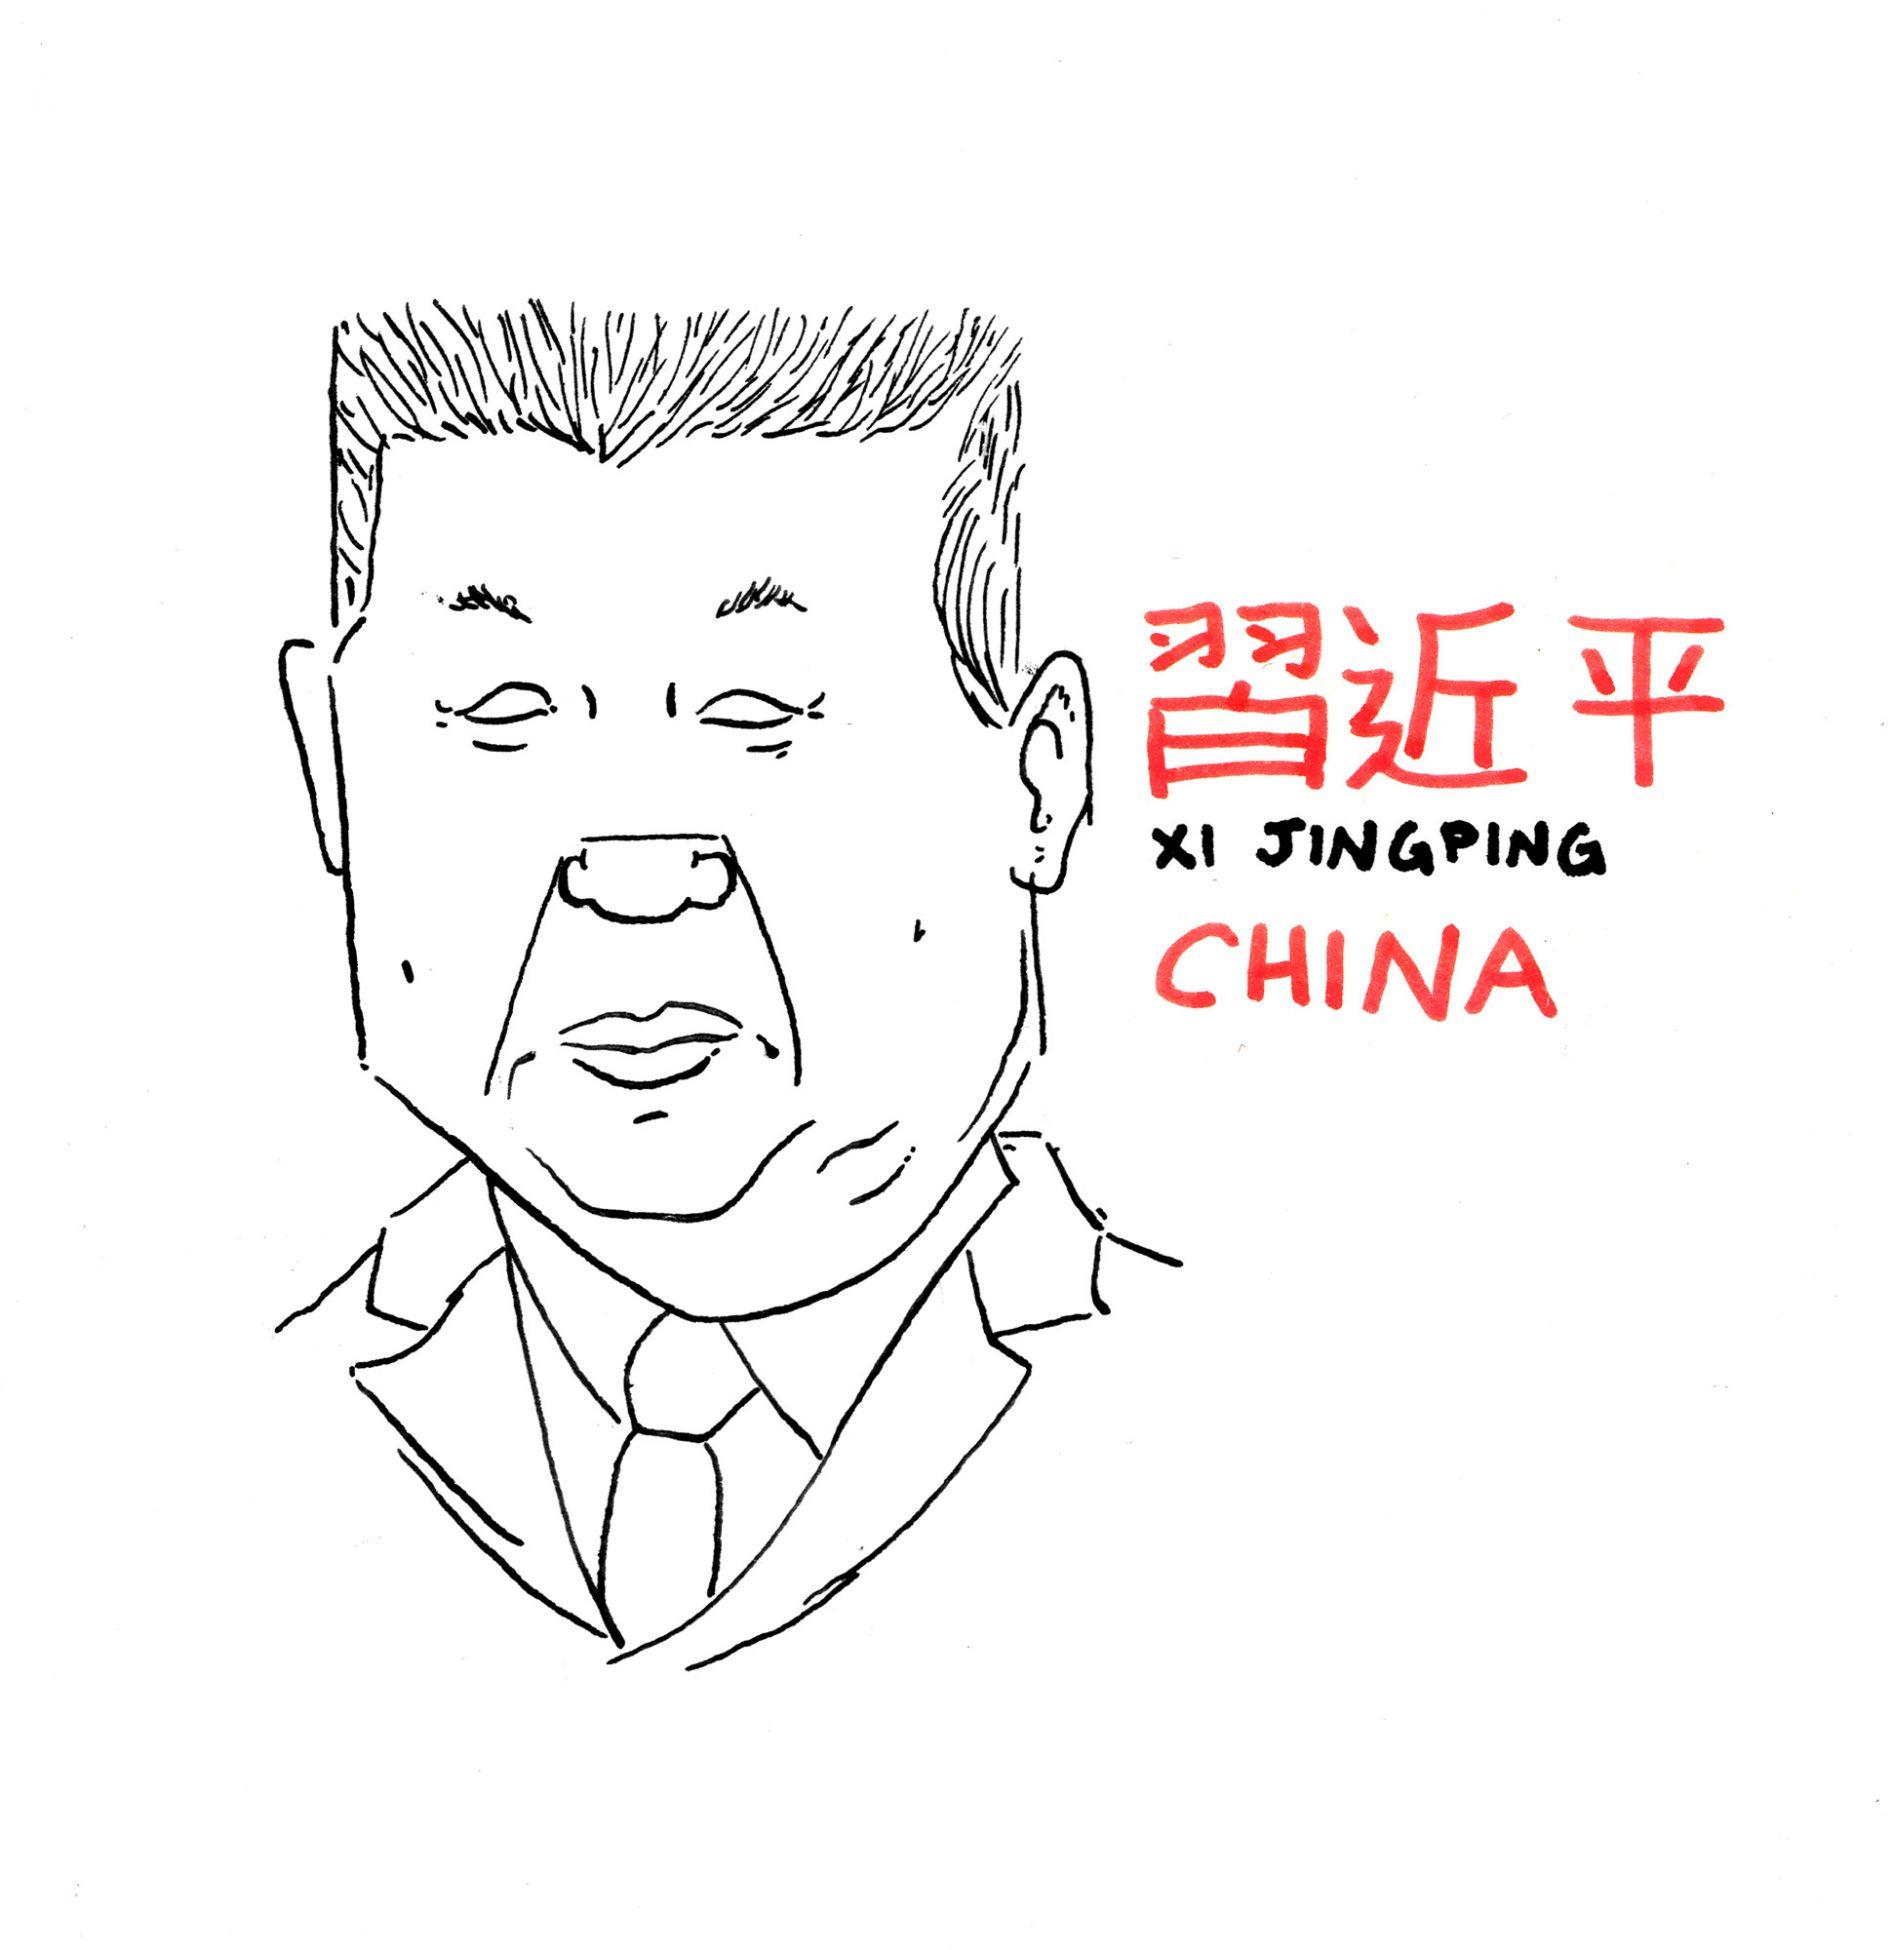 Retrato del mandatario chino xi jinping en blanco y negro y rojo. tinta sobre papel